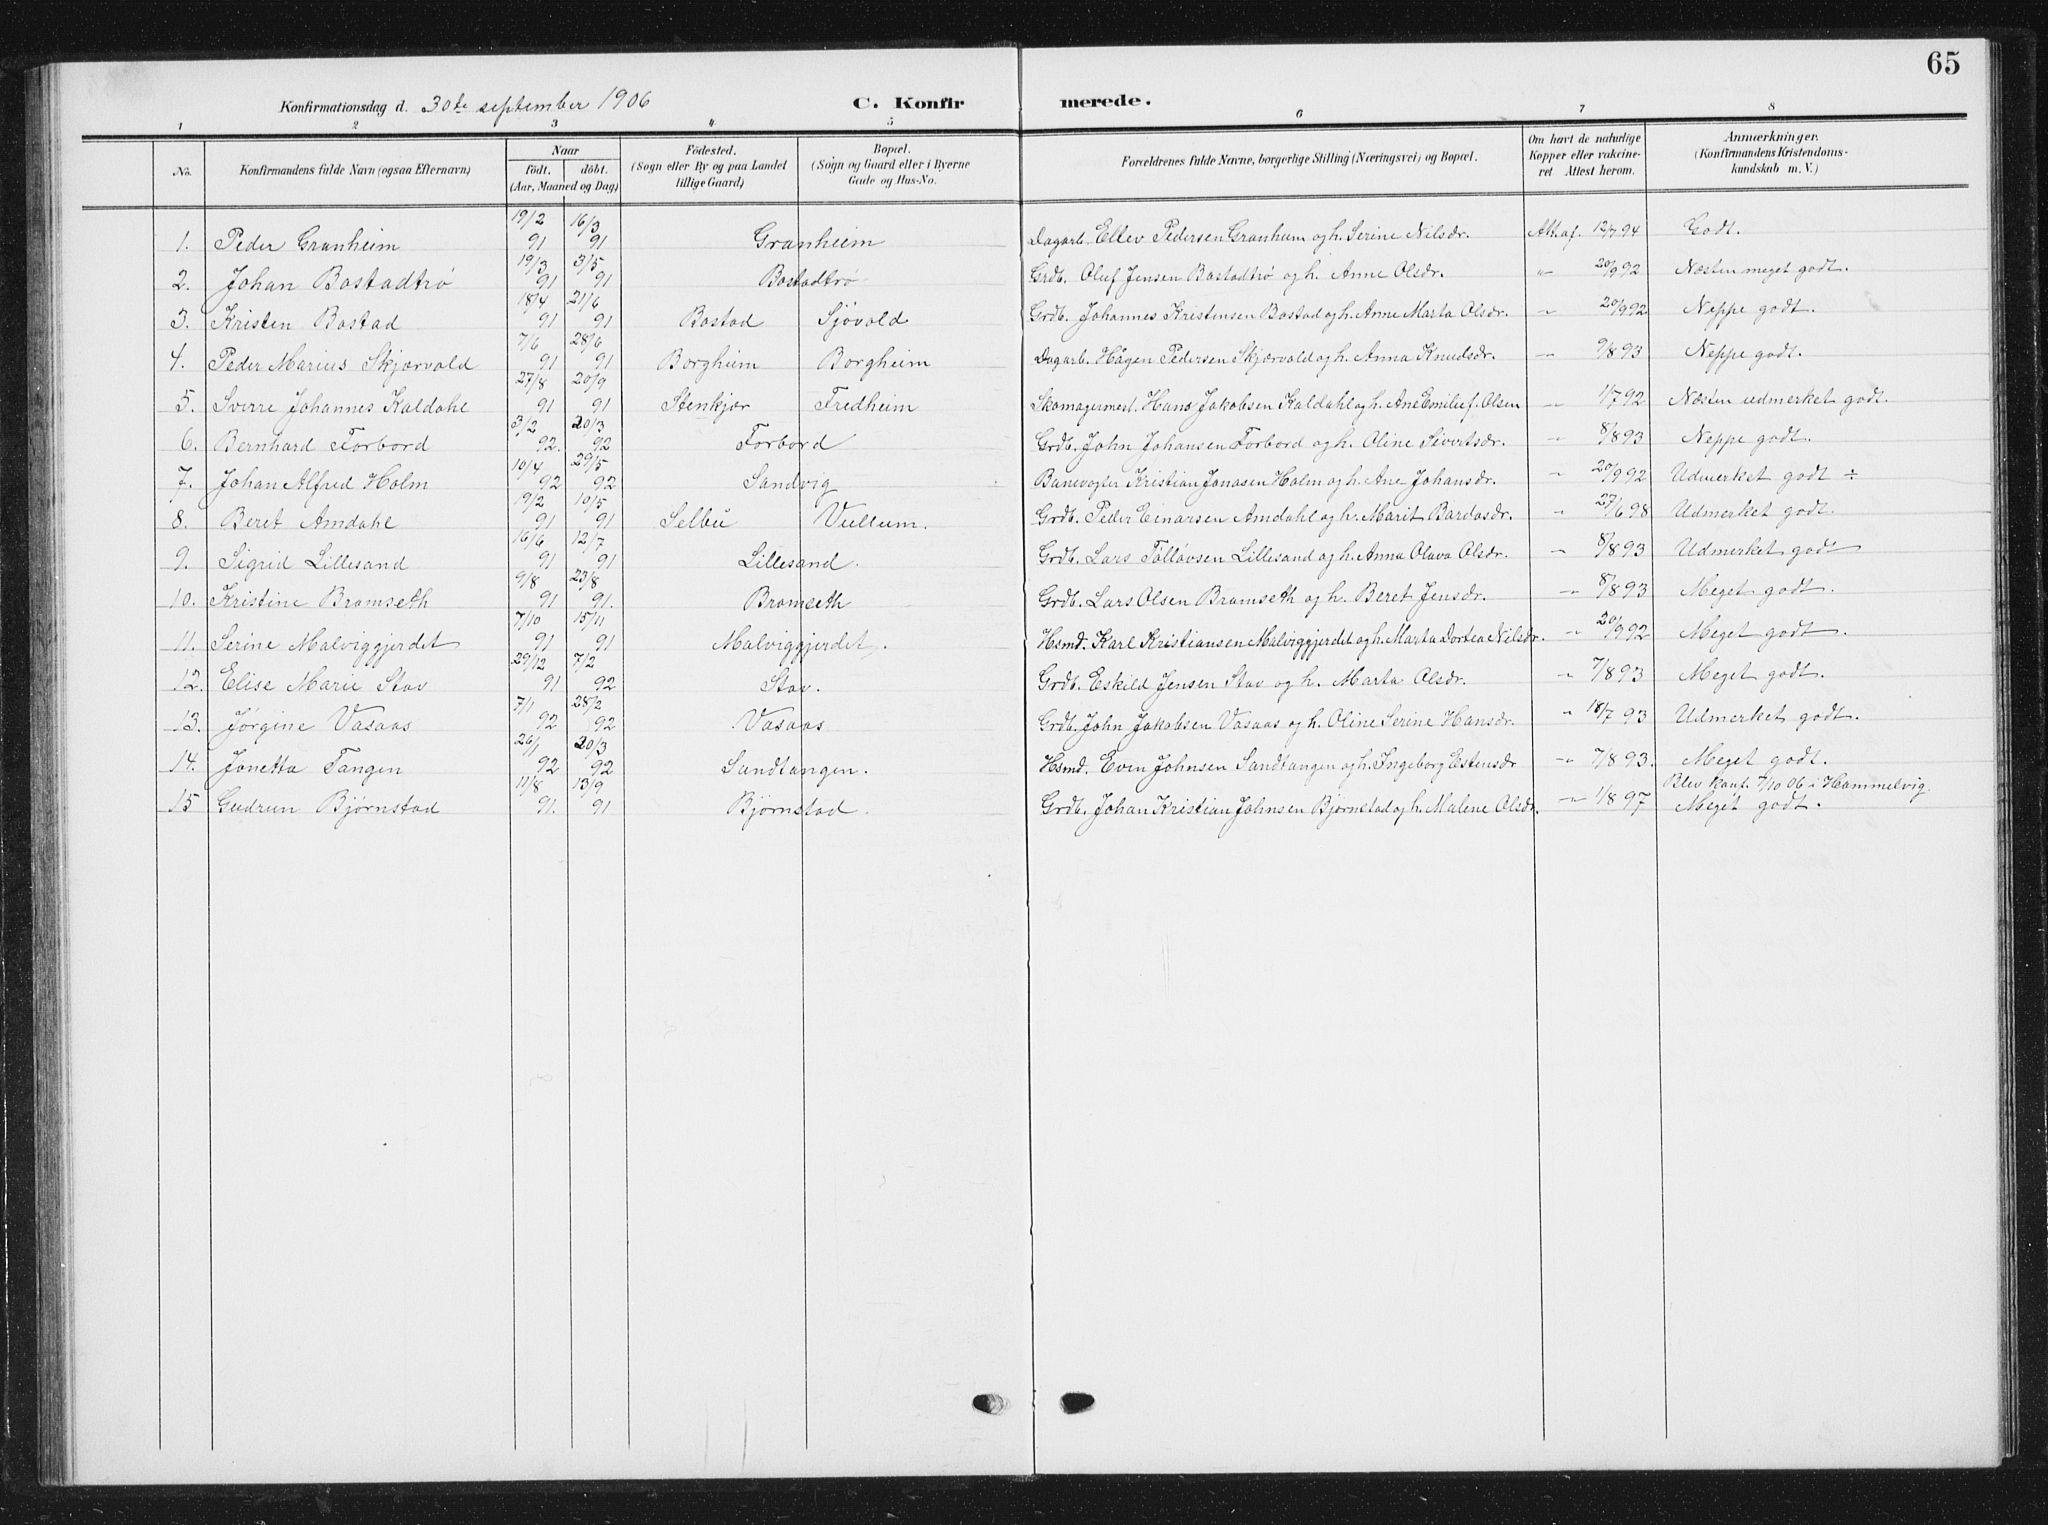 SAT, Ministerialprotokoller, klokkerbøker og fødselsregistre - Sør-Trøndelag, 616/L0424: Klokkerbok nr. 616C07, 1904-1940, s. 65